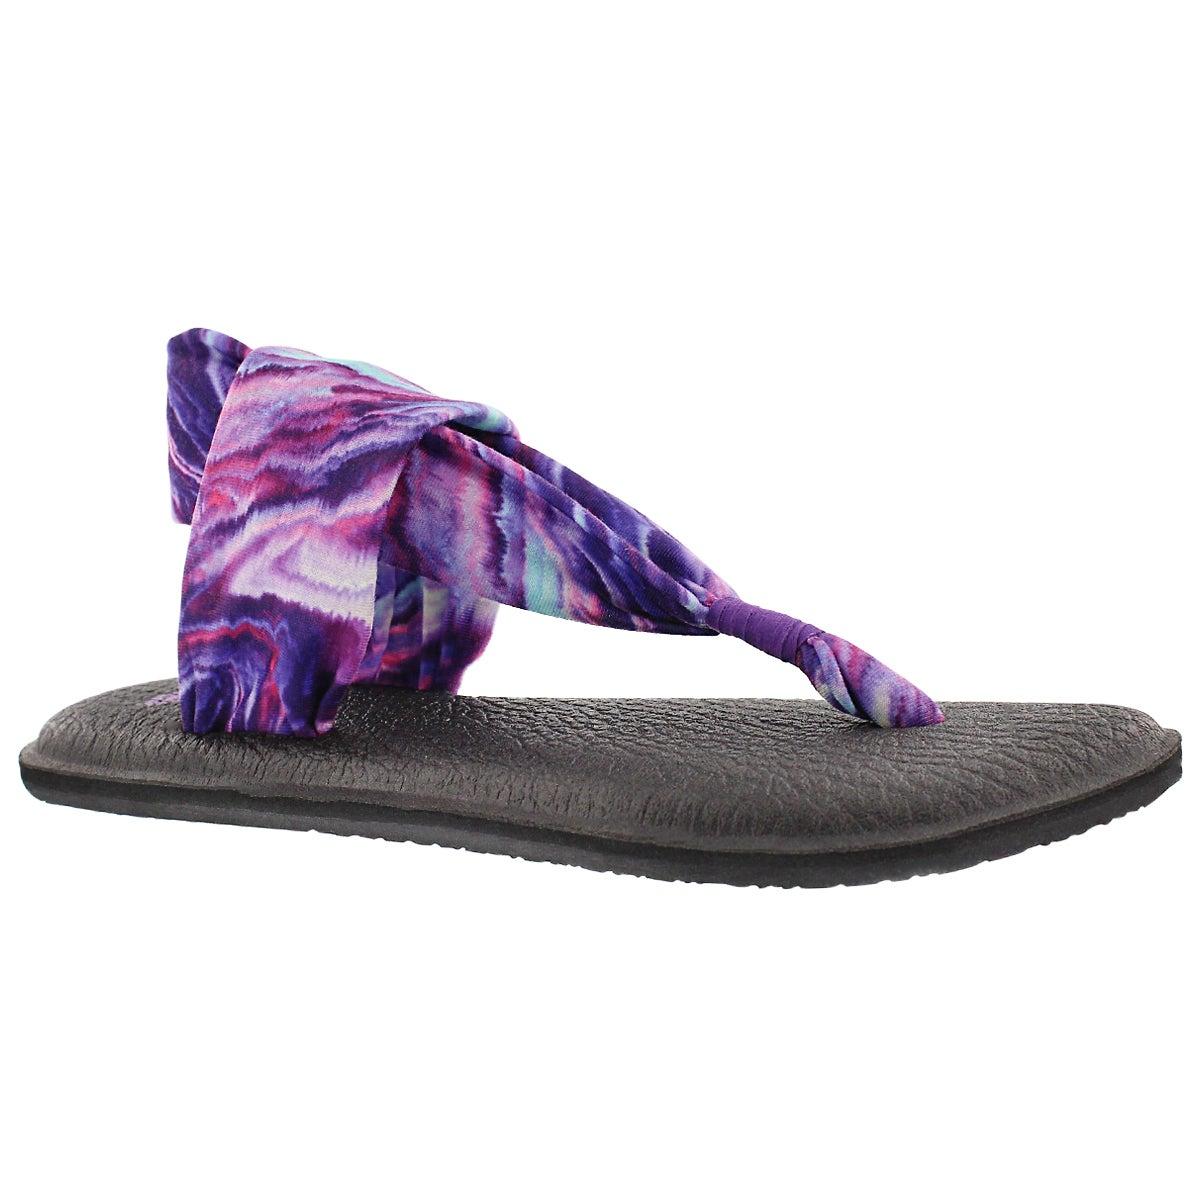 Sandale tong YOGA SLING, violet/bleu, fe